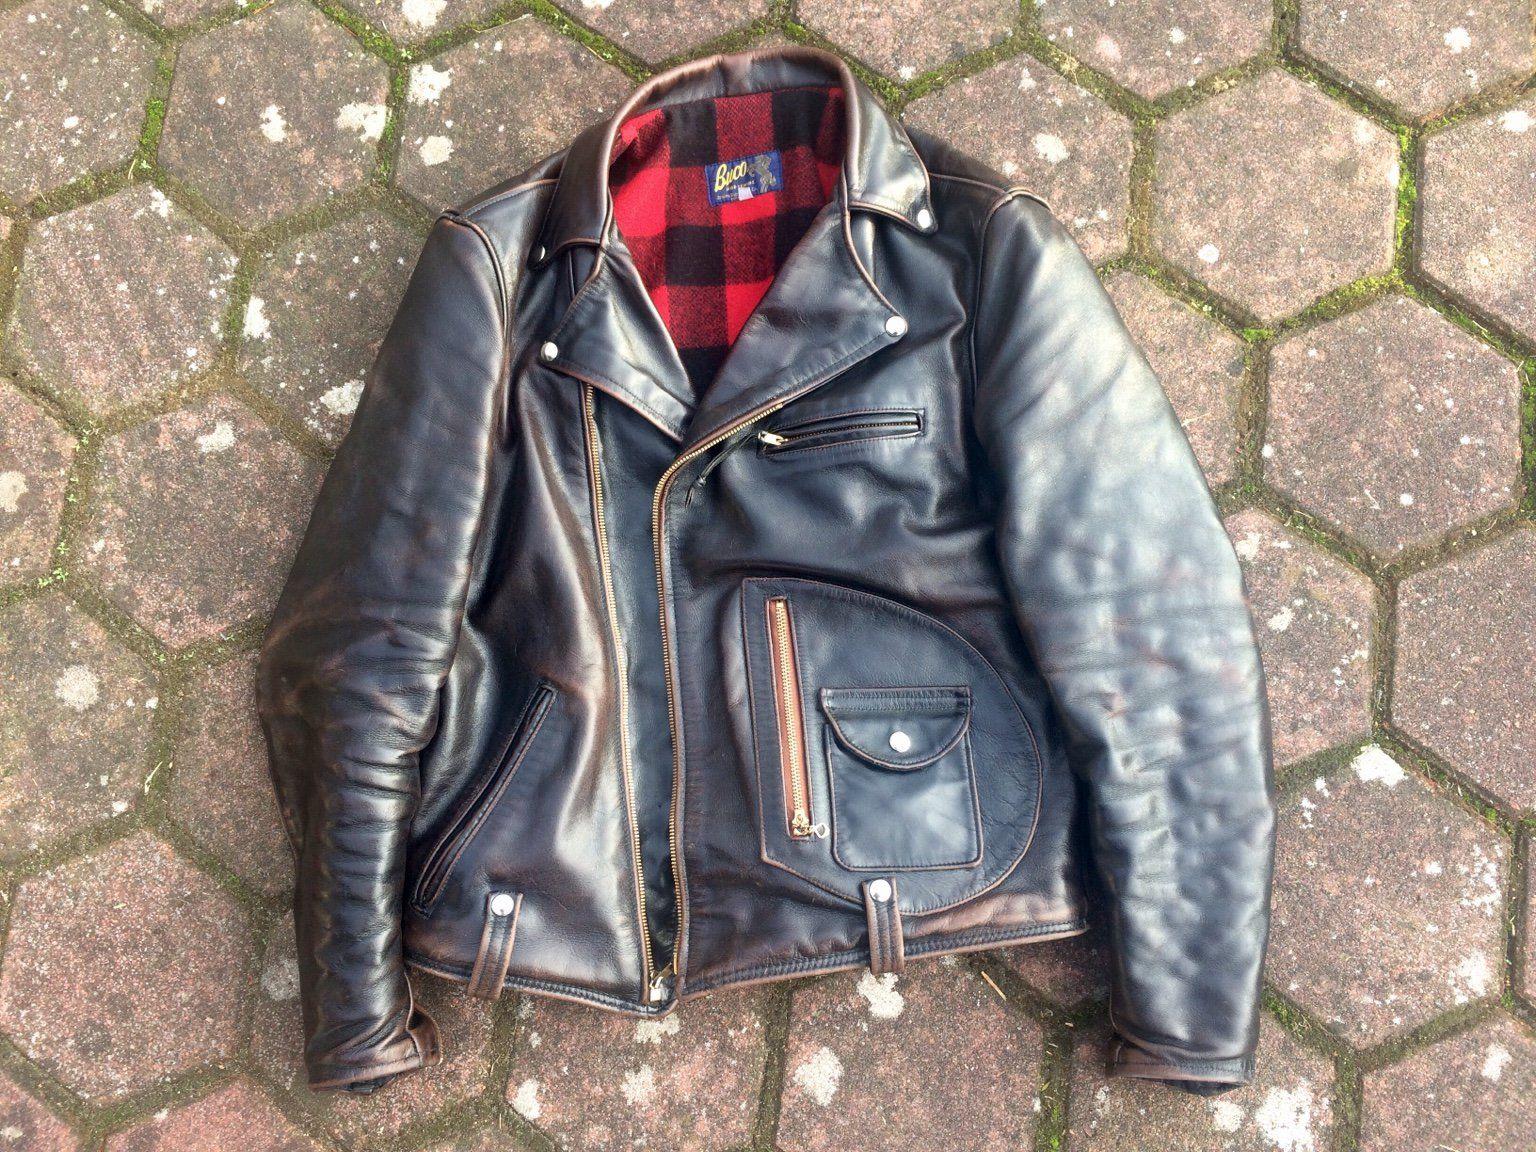 Diamond Clothing Buco J 21 Shinki Horsehide Leather Jacket Motorcycle Jacket Mens Jackets [ 1152 x 1536 Pixel ]